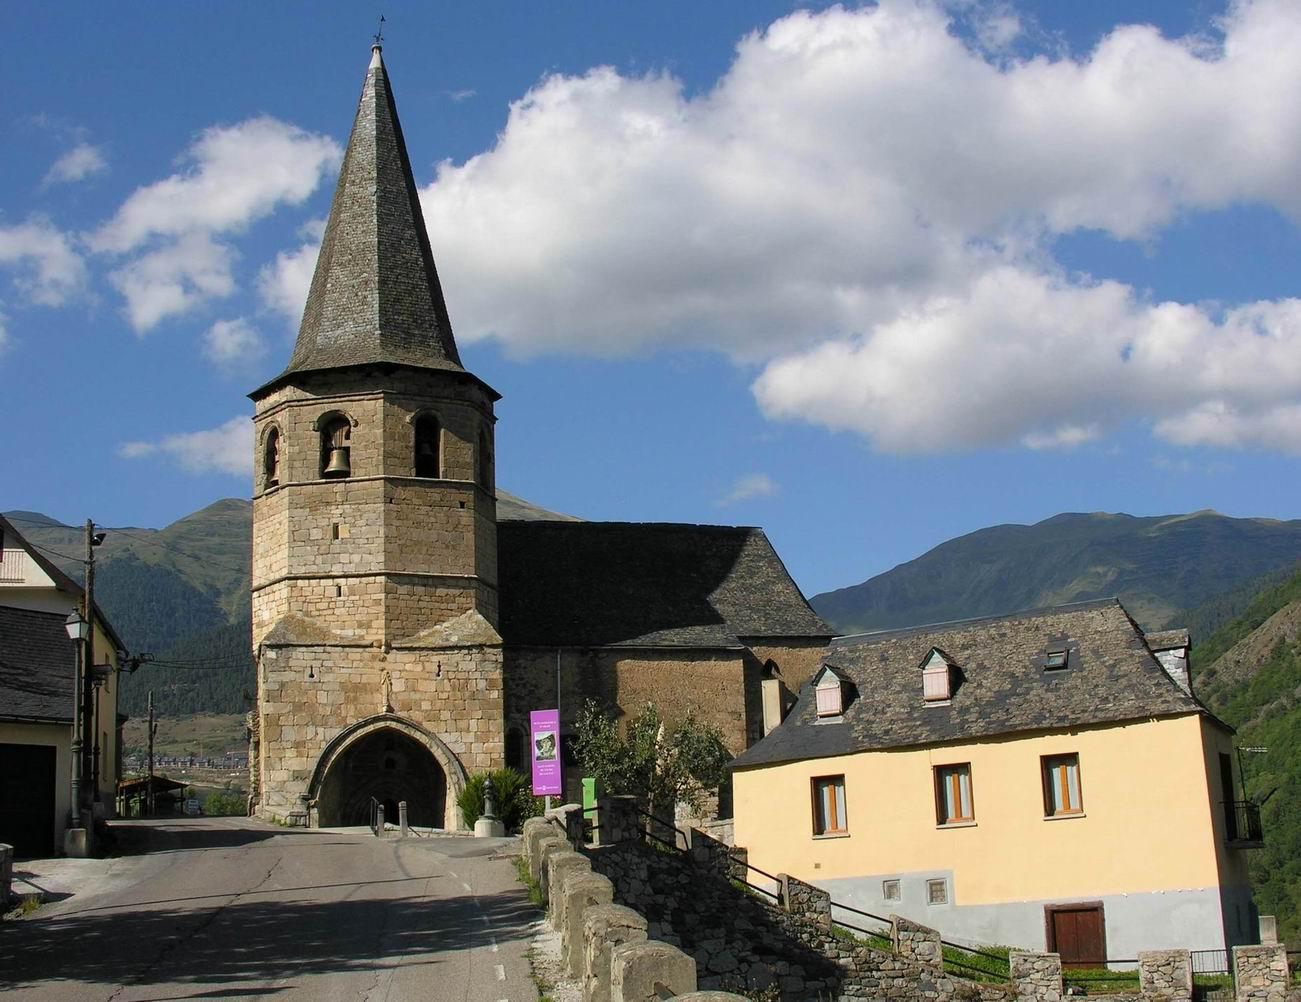 La iglesia de Sant Martí de Gausac